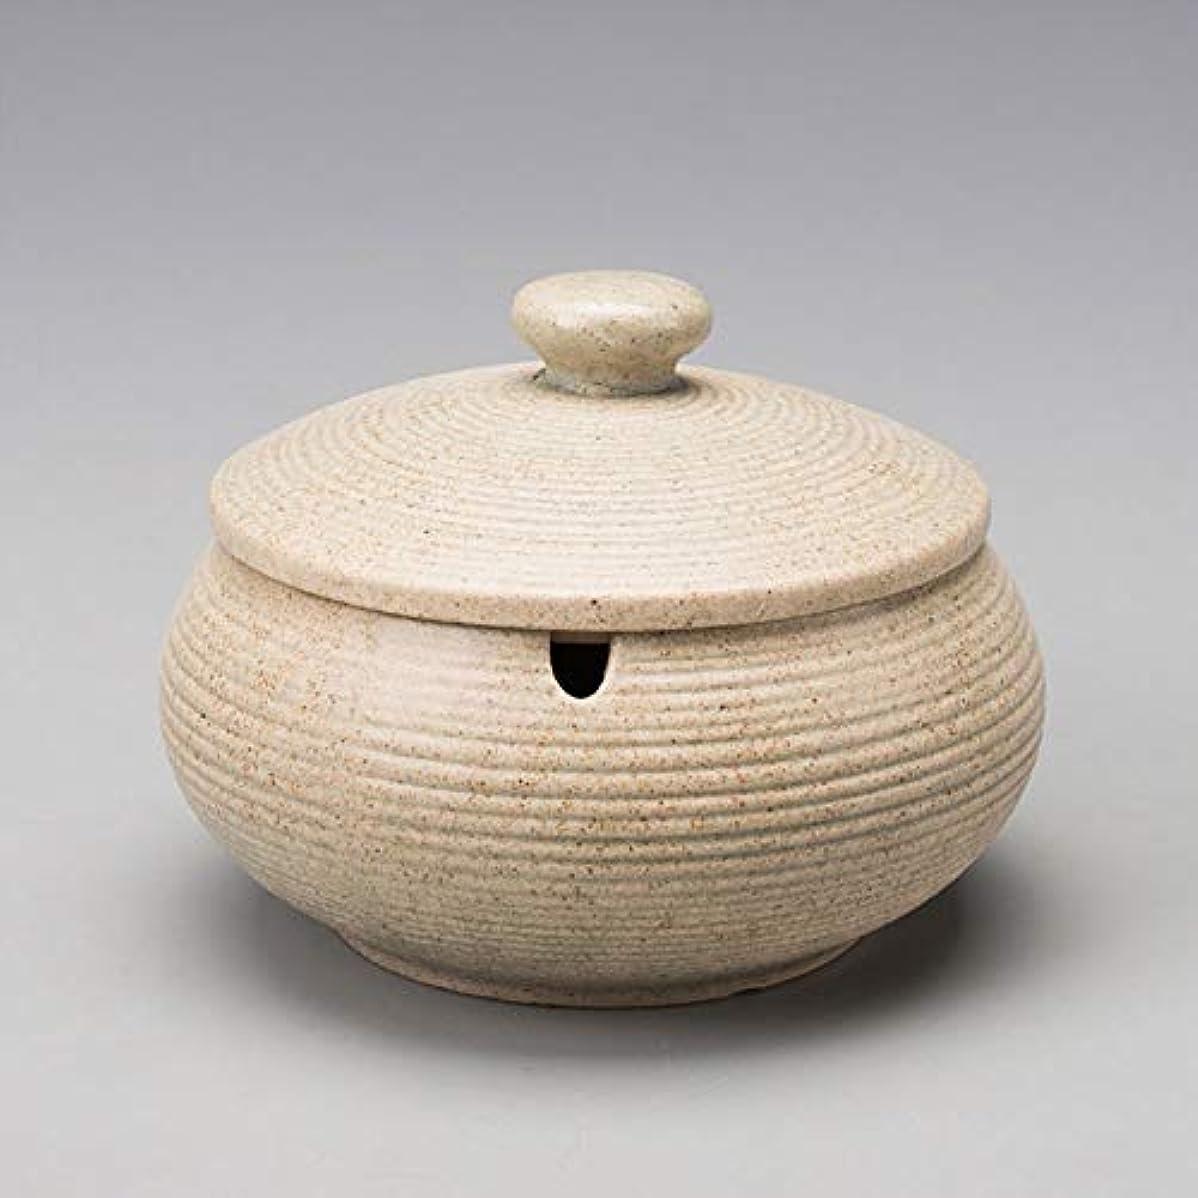 カートリッジ換気故国ふたの家の装飾とタバコの創造的な灰皿のための灰皿